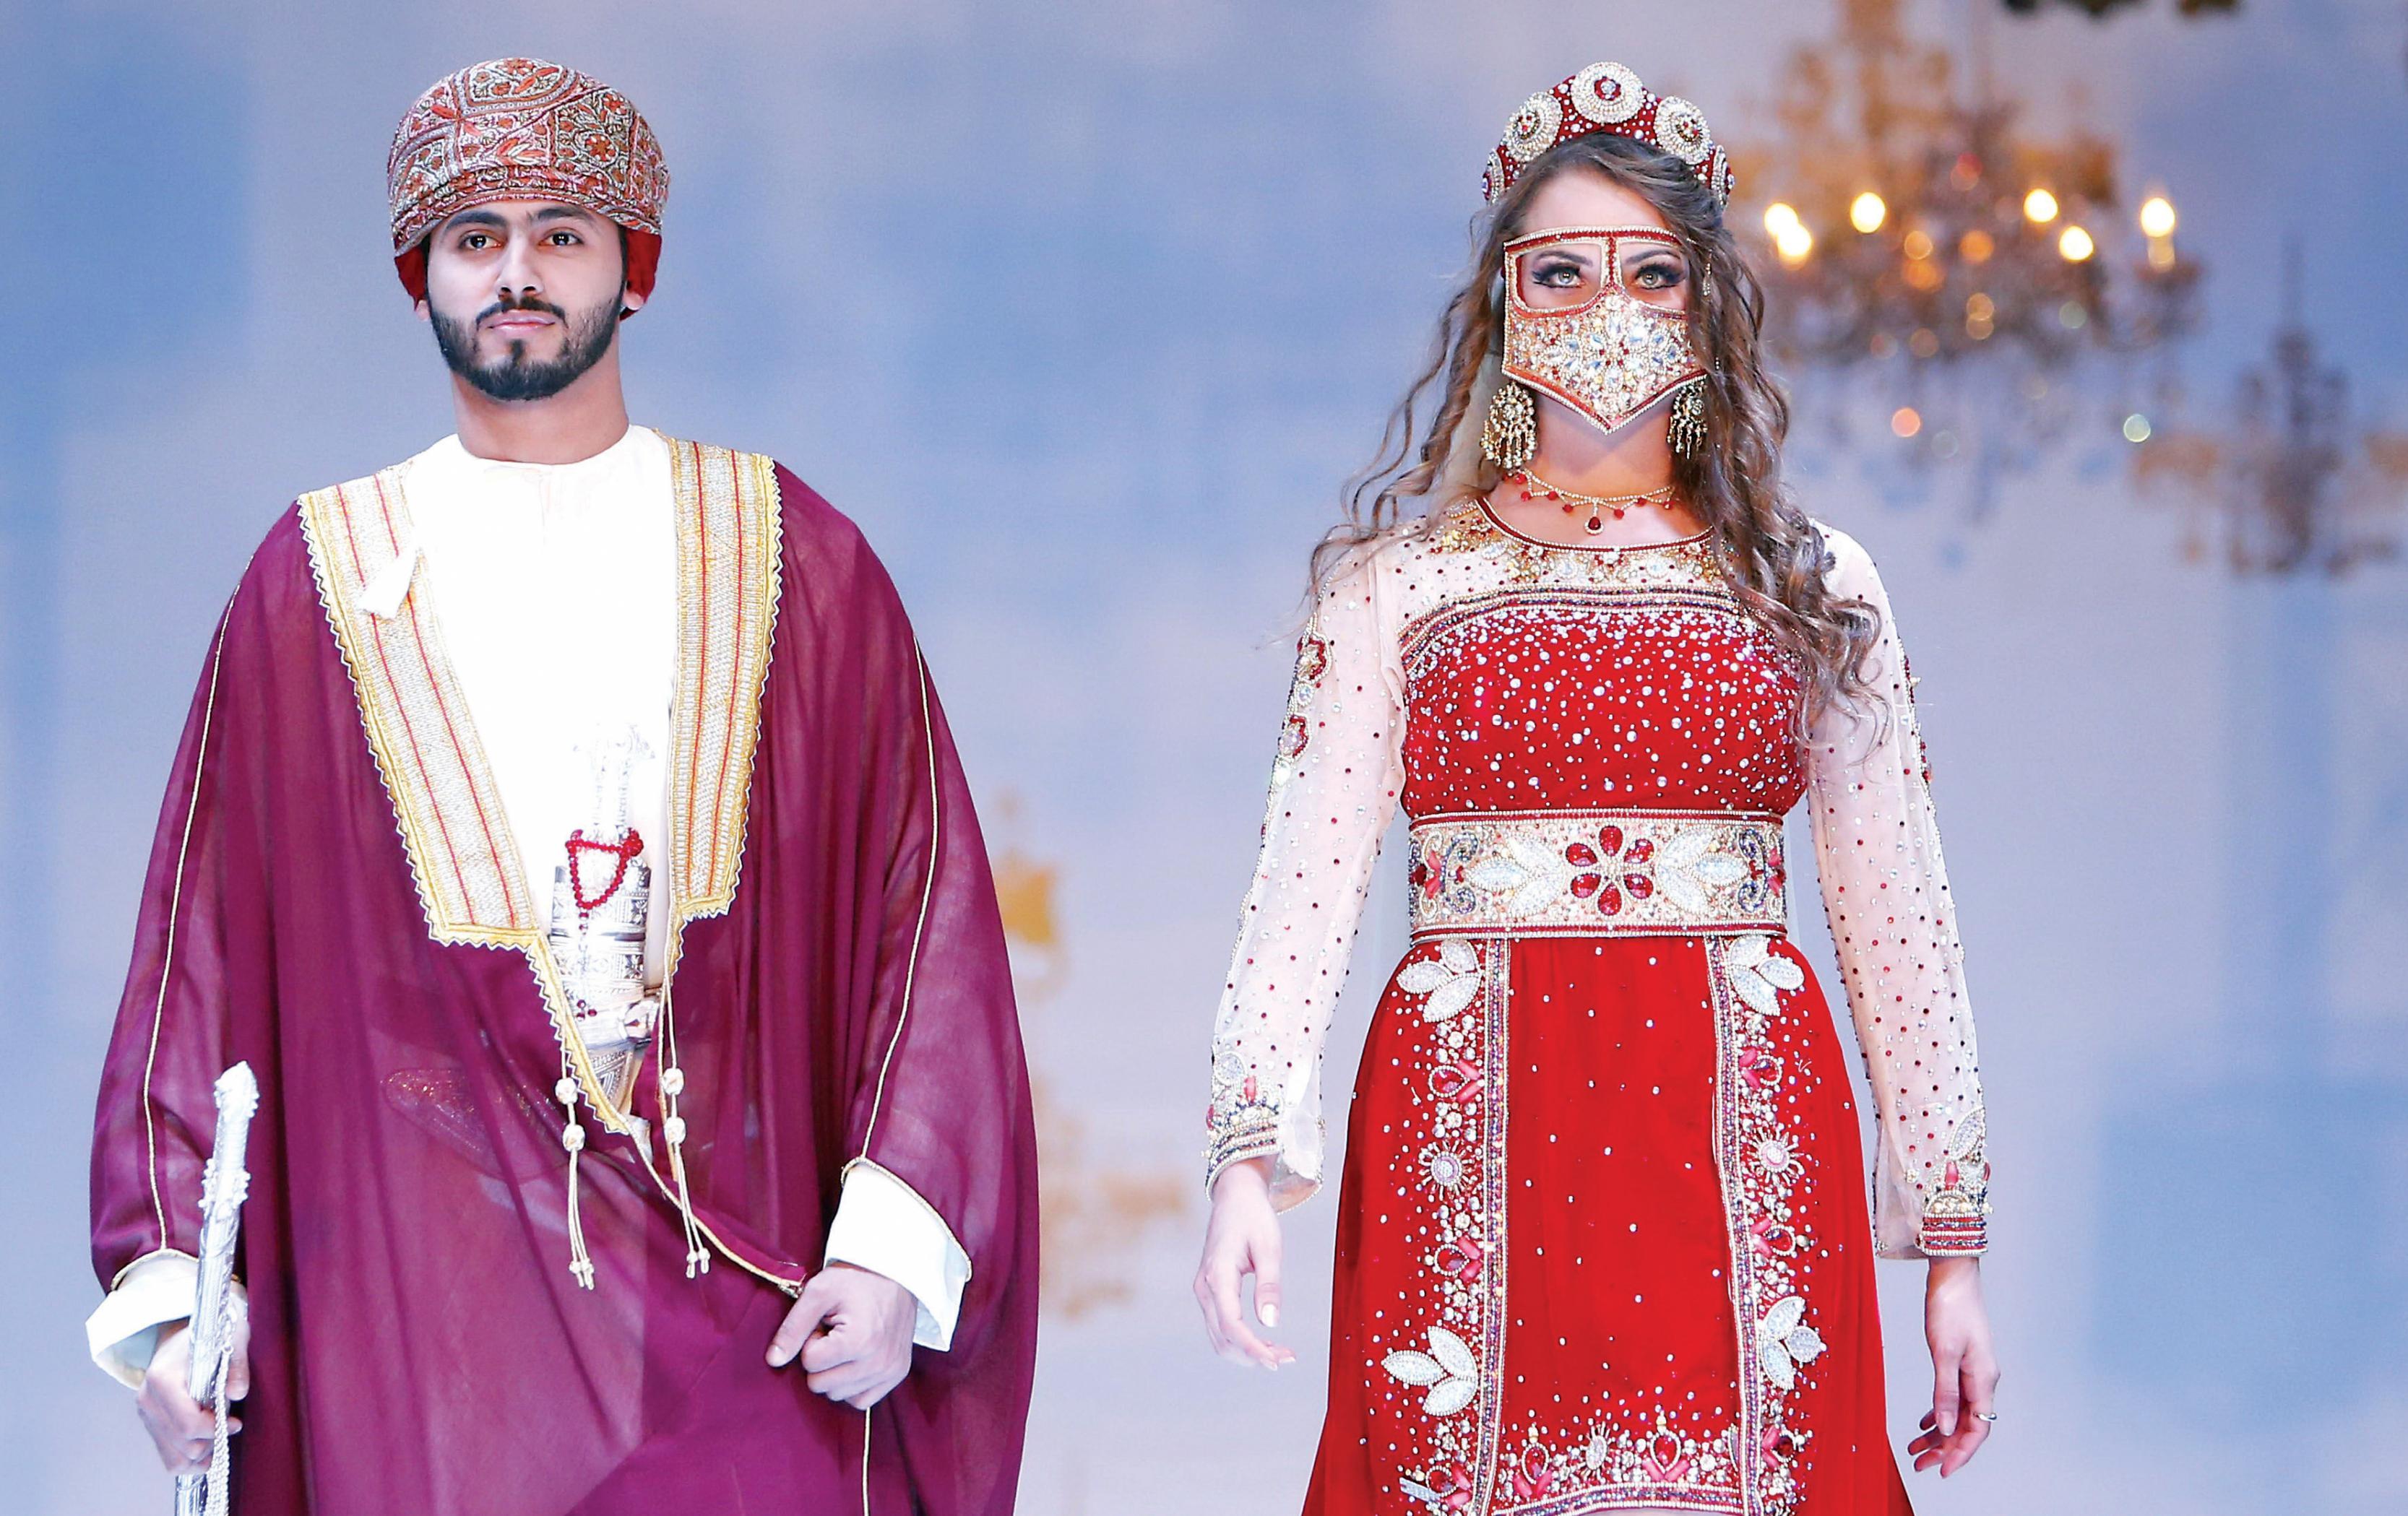 بالصور الازياء الشعبية التقليدية في سلطنة عمان 20160627 2135